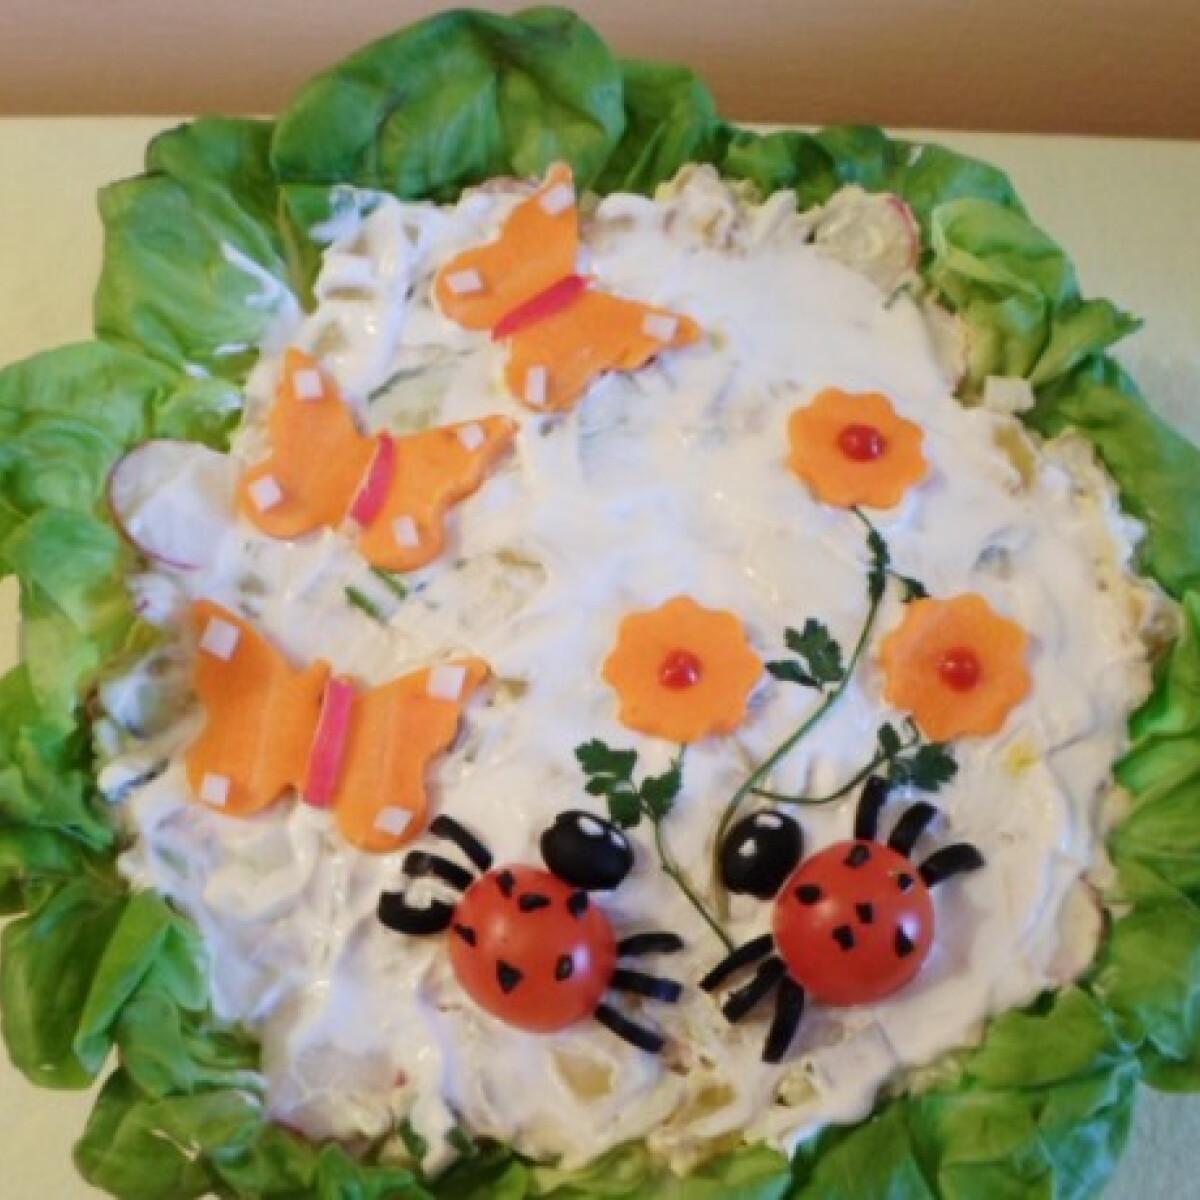 Ezen a képen: Tavaszi saláta vidám tálalásban